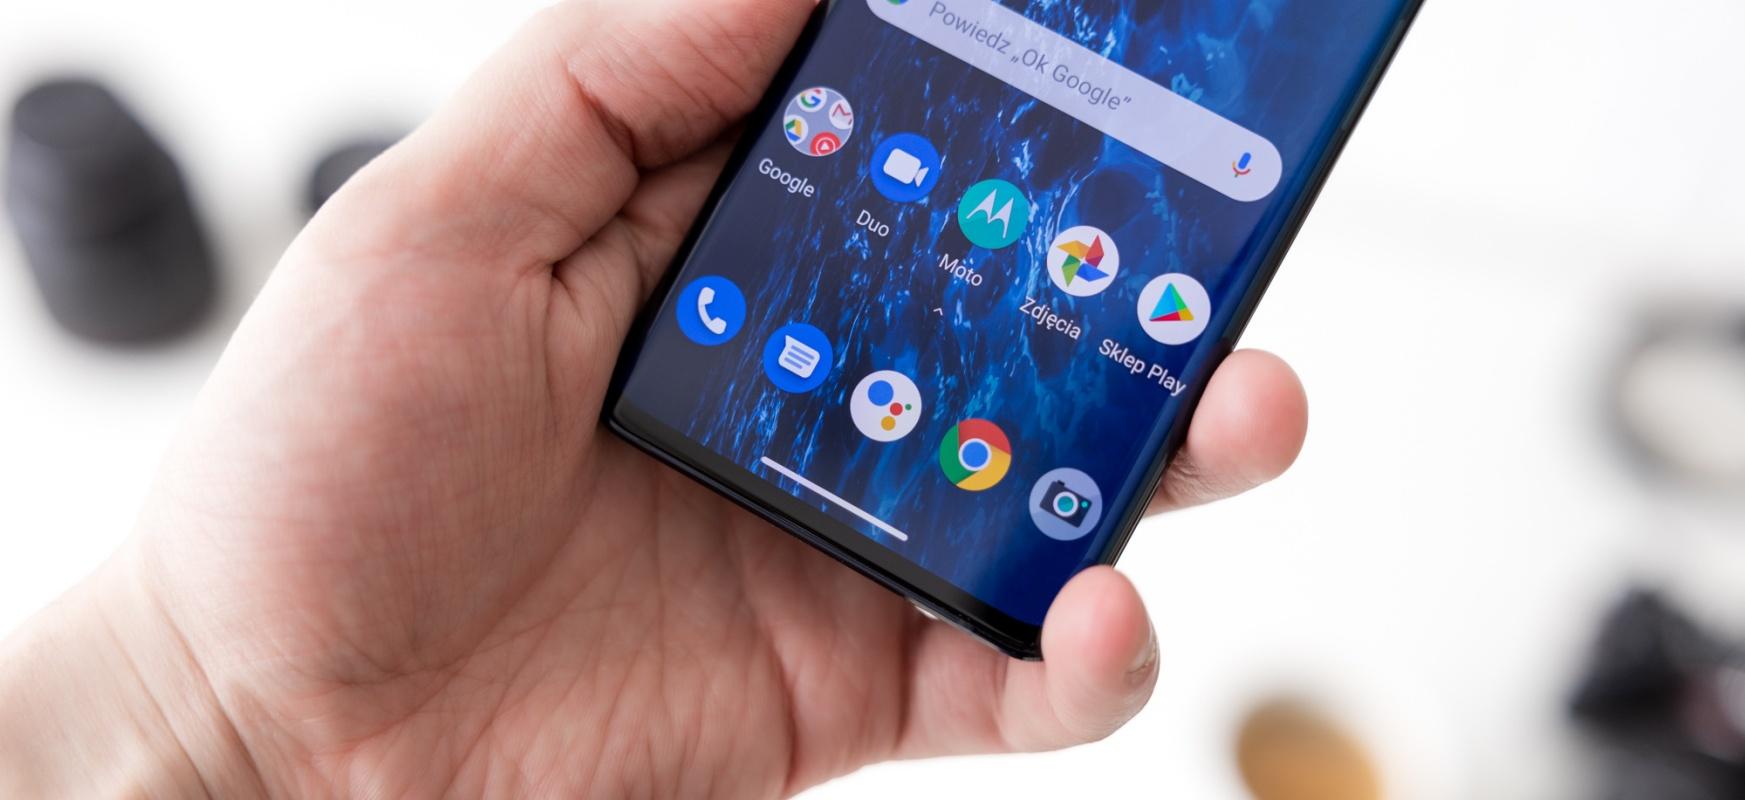 Zein smartphone aukeratu behar duzu 2020an?  Zer bilatu bilatu nahi dugu